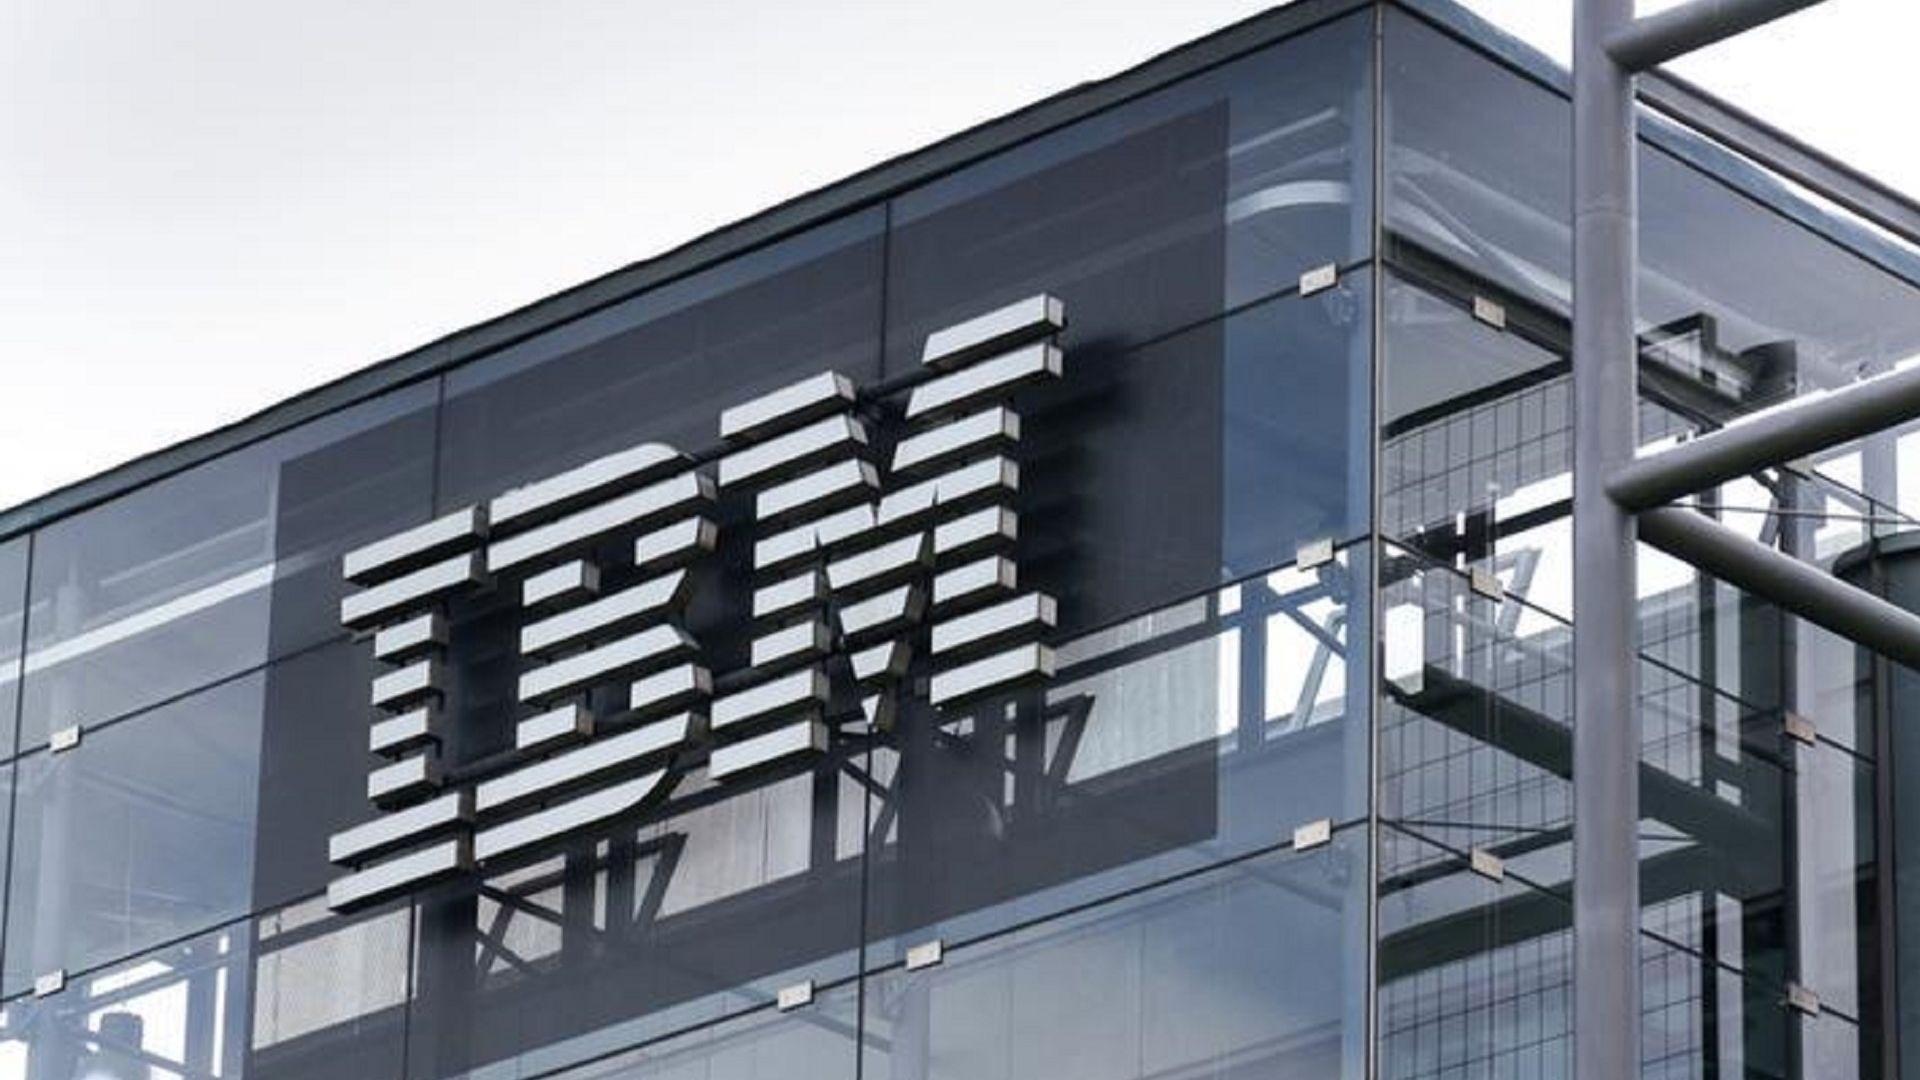 El COVID-19 altera los resultados trimestrales de IBM | ACTUALIDAD |  DealerWorld